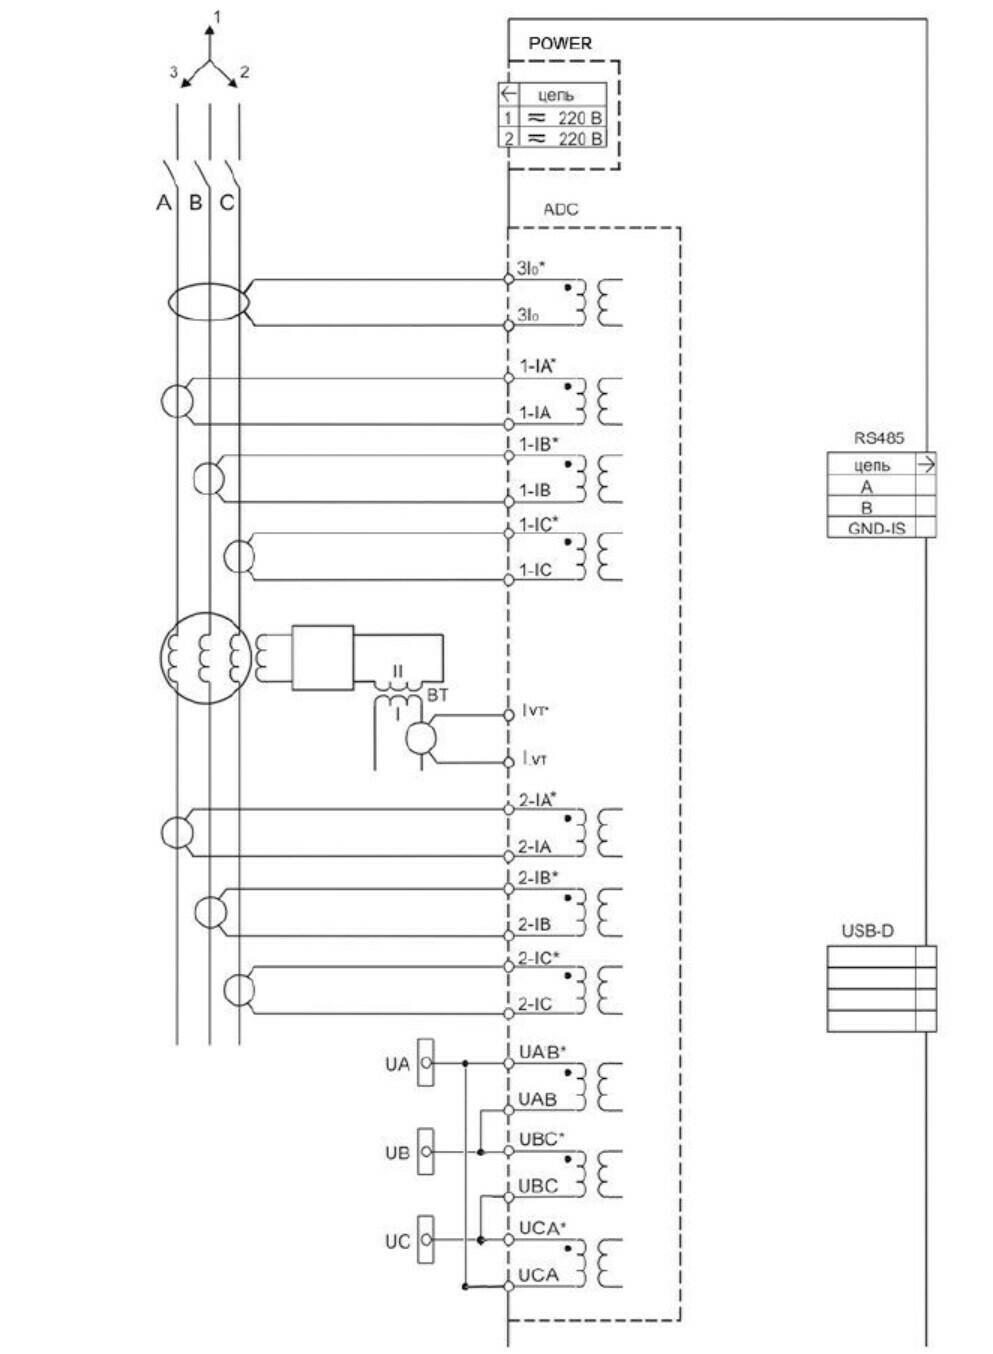 connection diagram MRZS-05D AIAR.466452.002 str.1